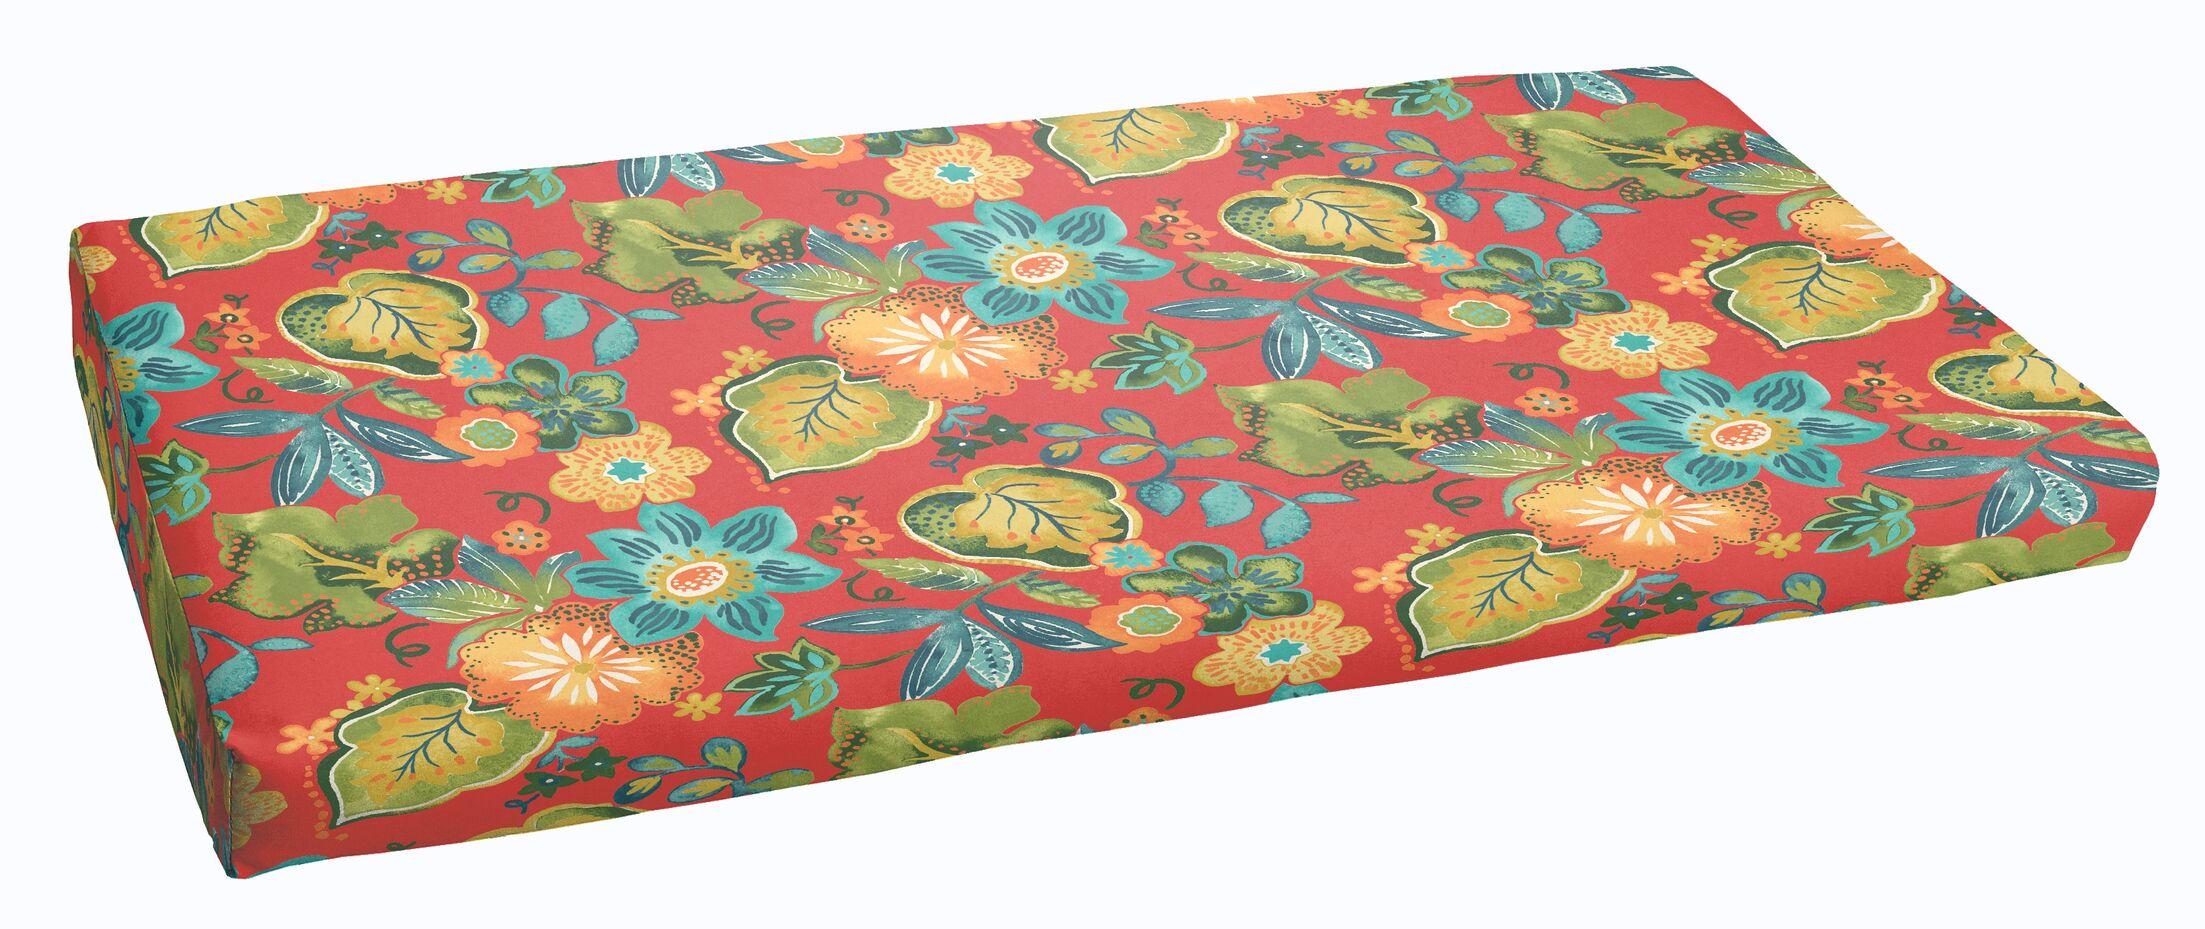 Hiawatha Beach Indoor/Outdoor Bench Cushion Size: 48